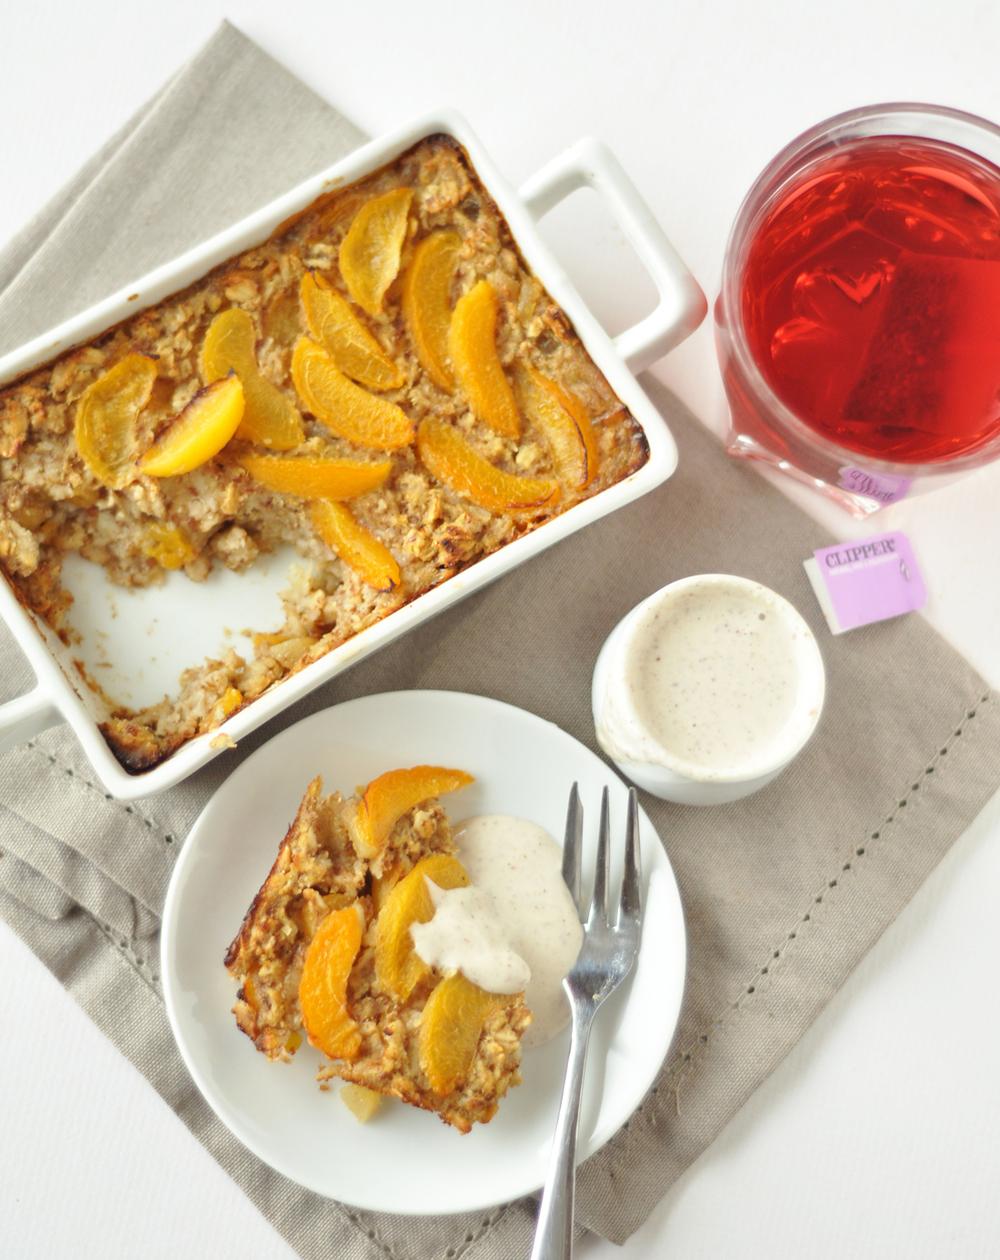 apricot bake 4a.jpg